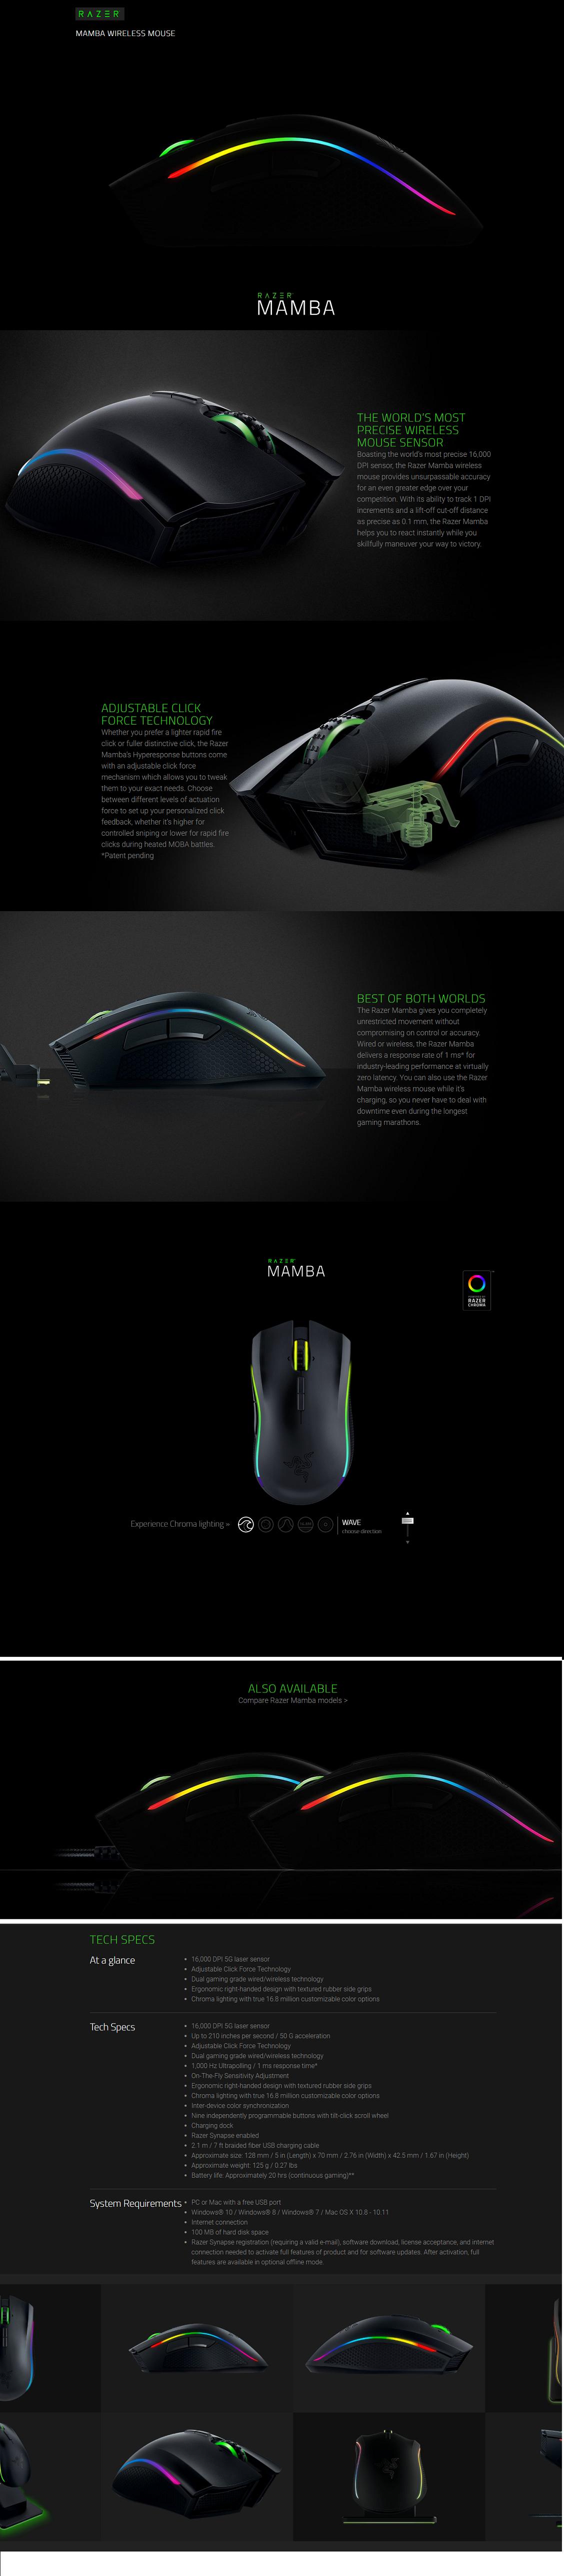 Razer Mamba 16000-Wireless RZ-MAMBA-1600 Chroma Ergononic Gaming Mouse